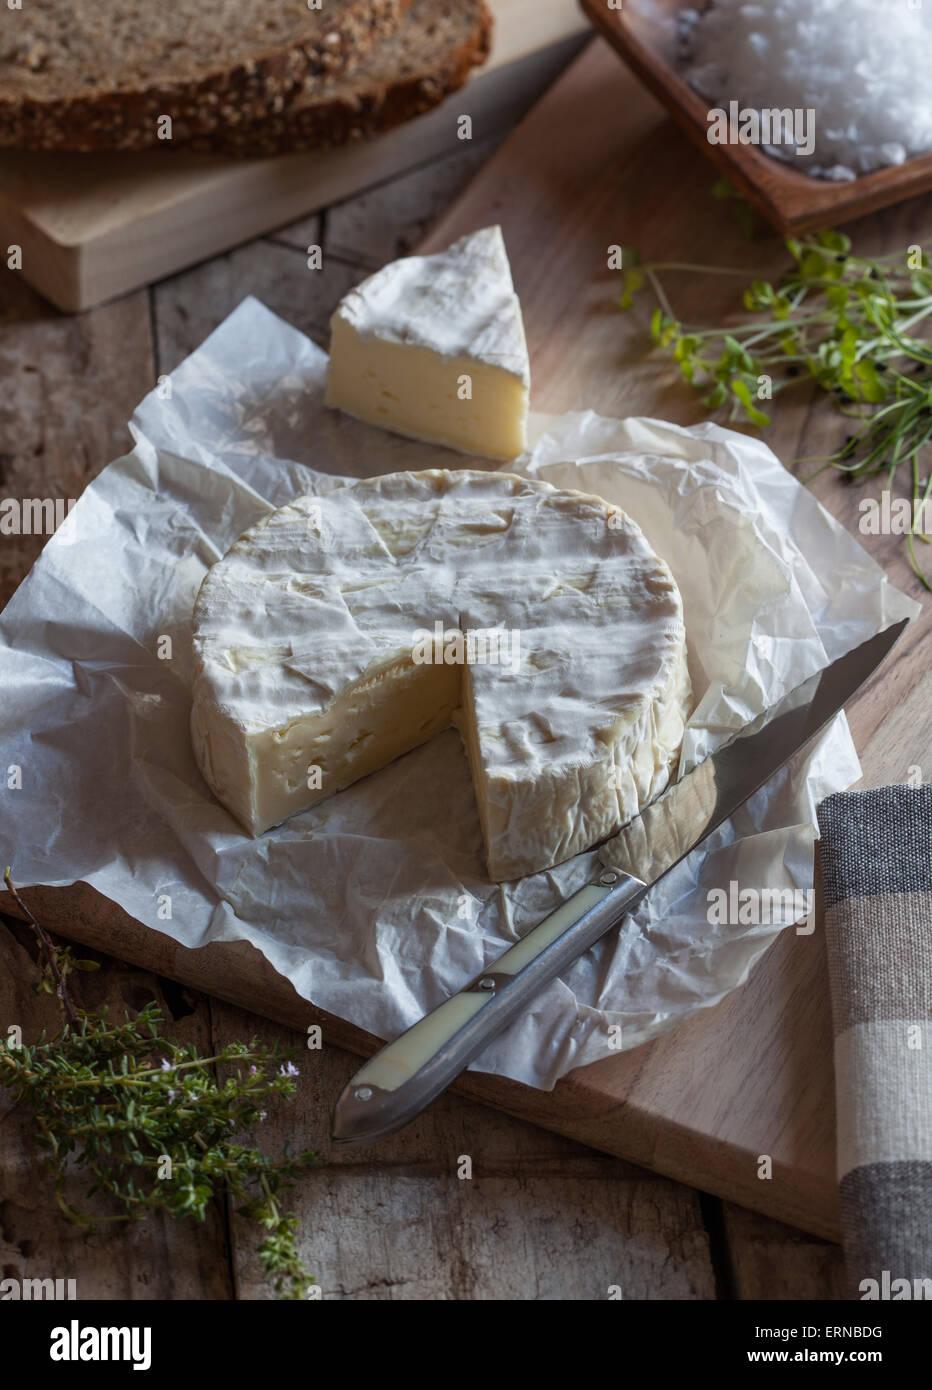 Un pezzo di formaggio camembert su un tagliere con un coltello e erbe aromatiche. Immagini Stock